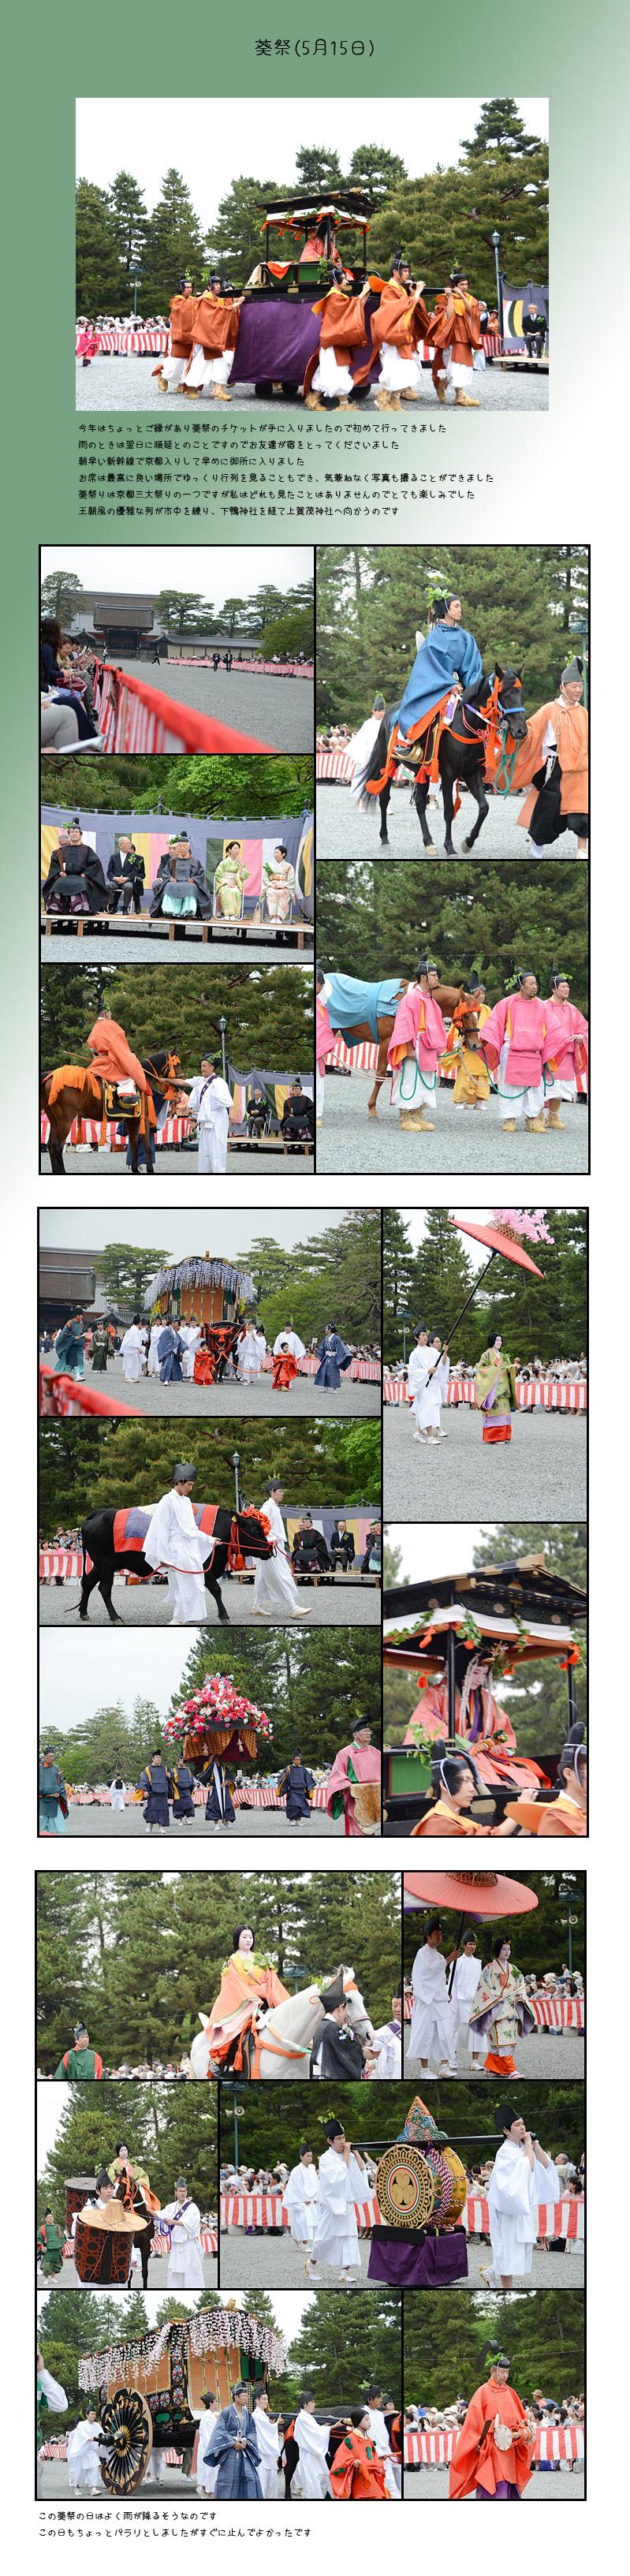 5月17日葵祭1